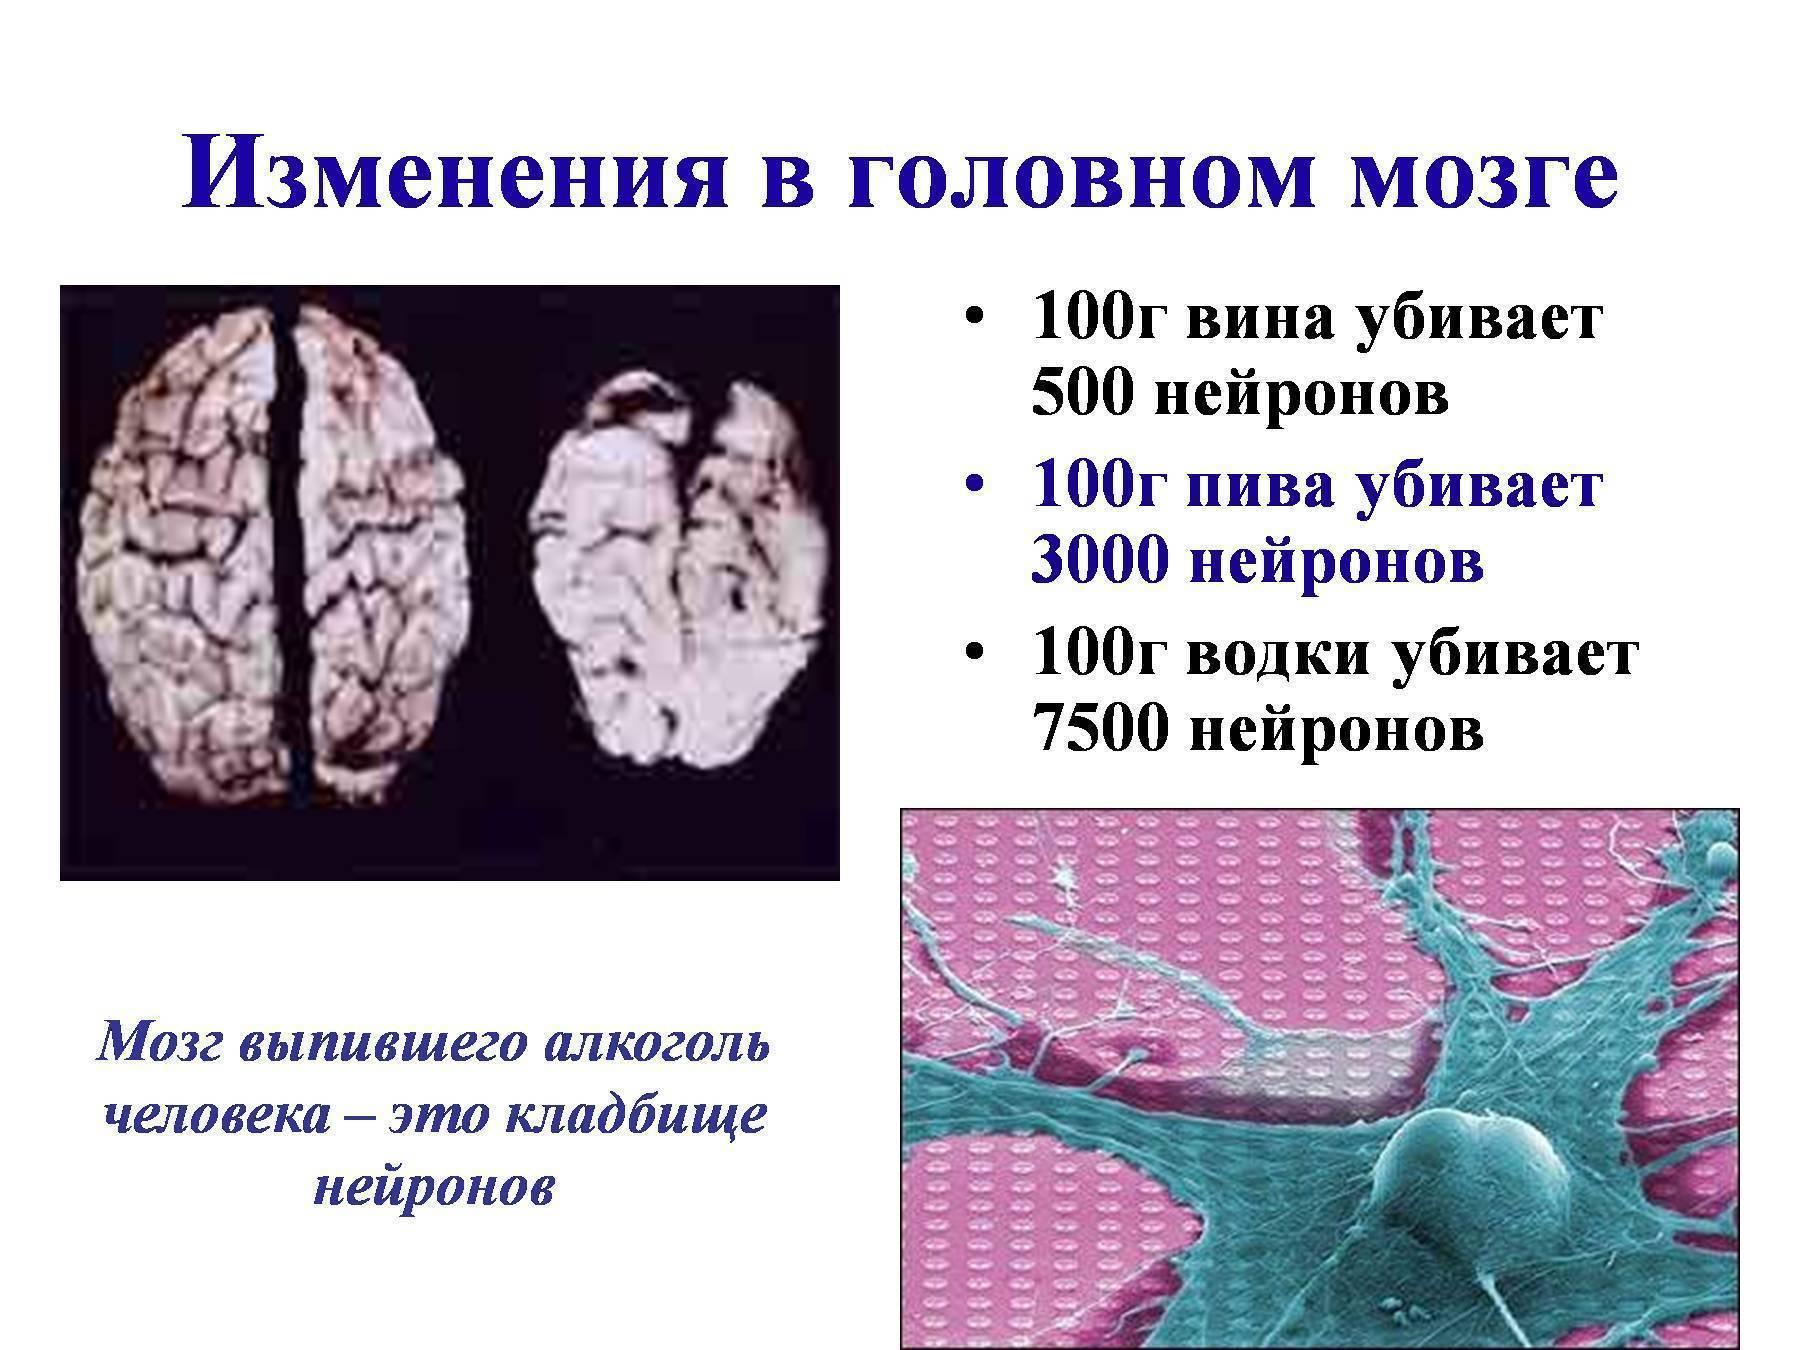 Влияние алкоголя на мозг: вред и неприятные последствия